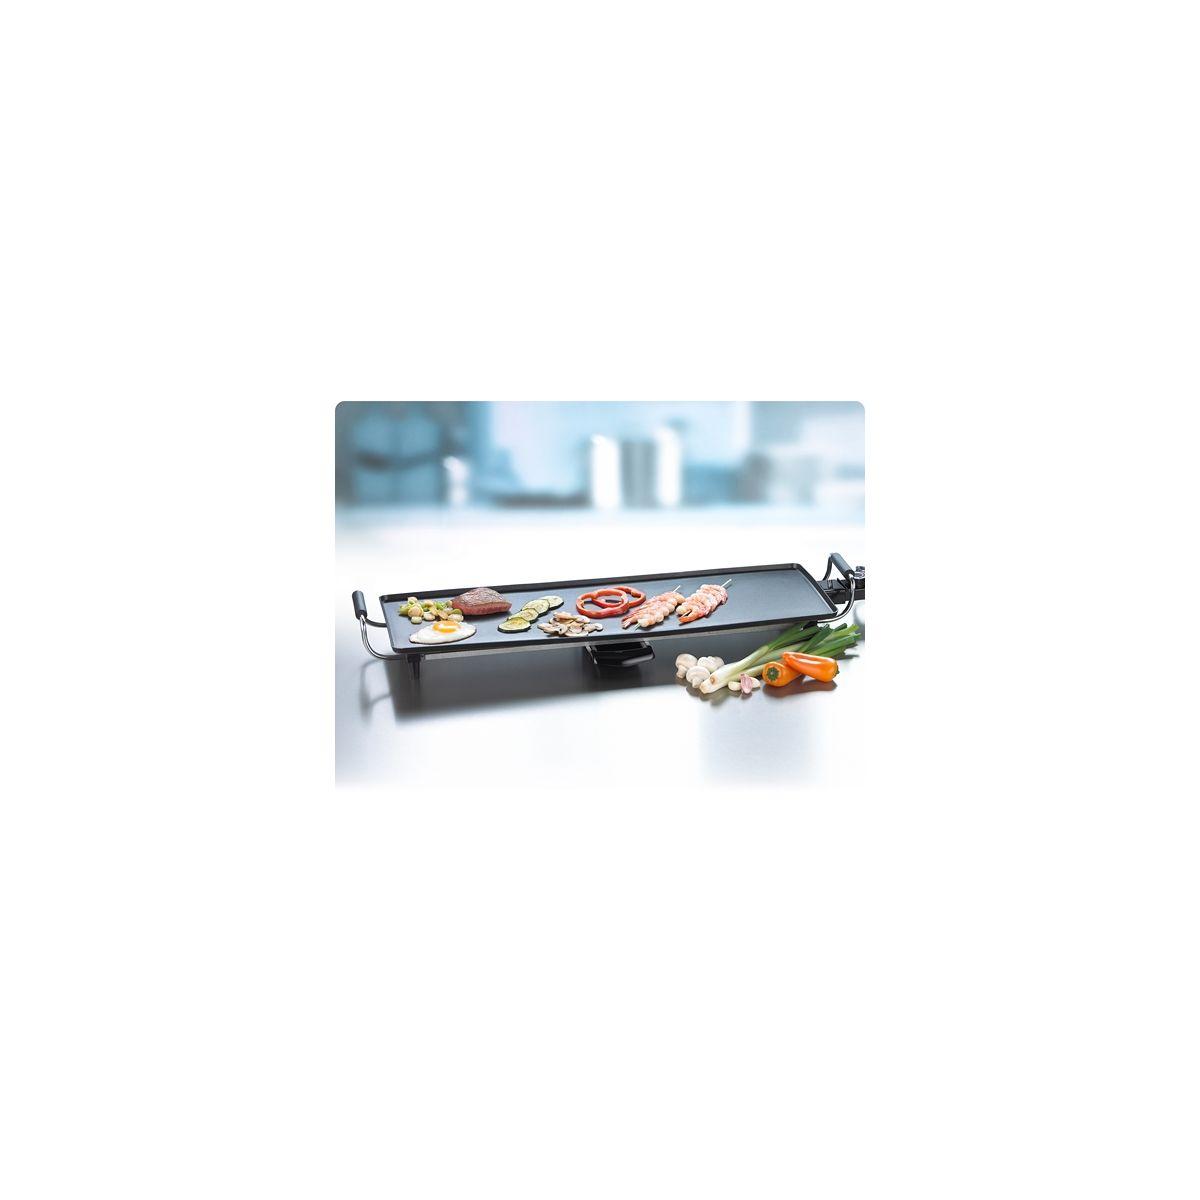 Plancha �lectrique tristar bp-2970 - 10% de remise imm�diate avec le code : school10 (photo)